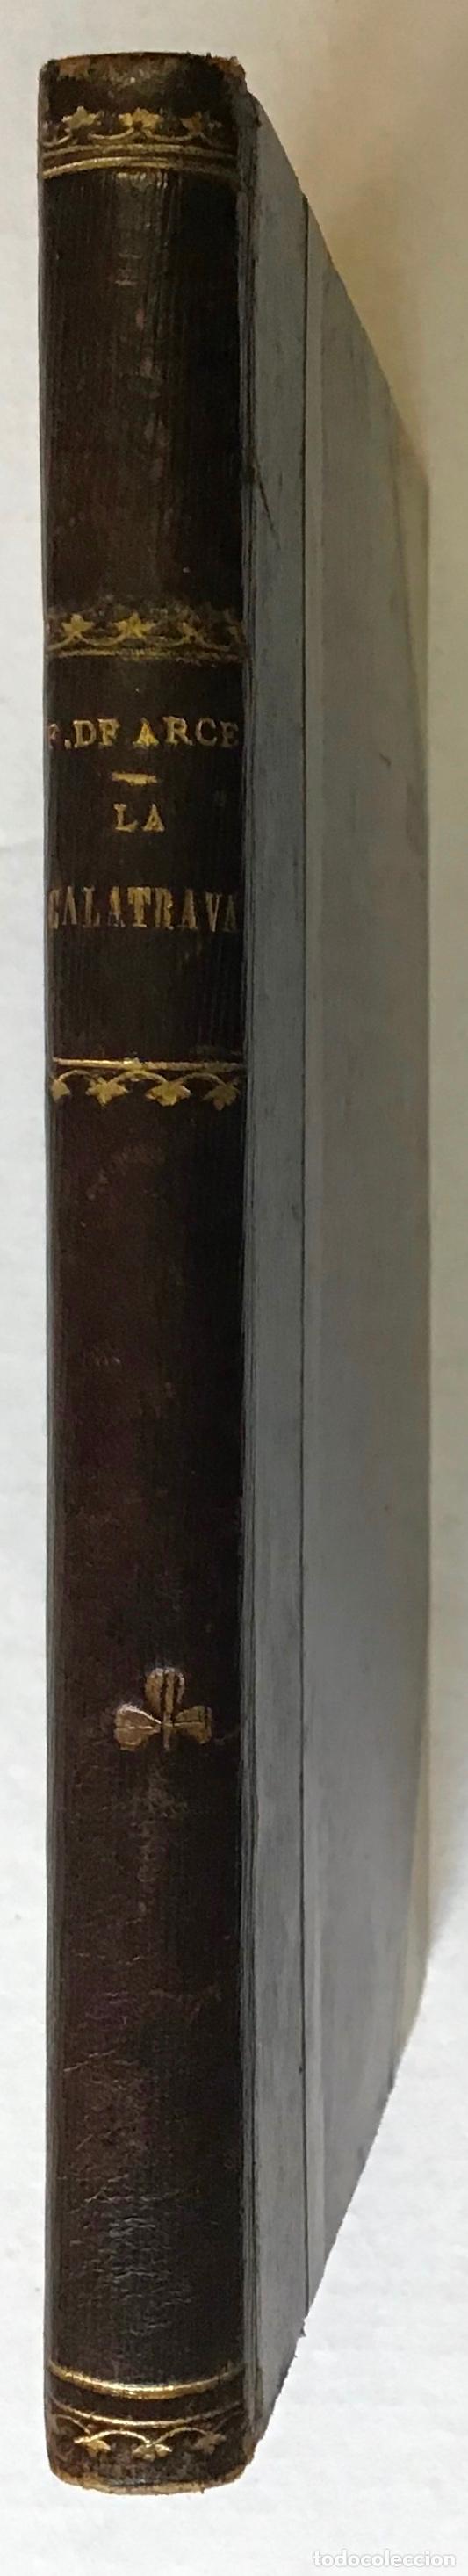 Libros de segunda mano: LA CALATRAVA. Novela de costumbres madrileñas. - ARCE, Francisco de. - Foto 2 - 123157754